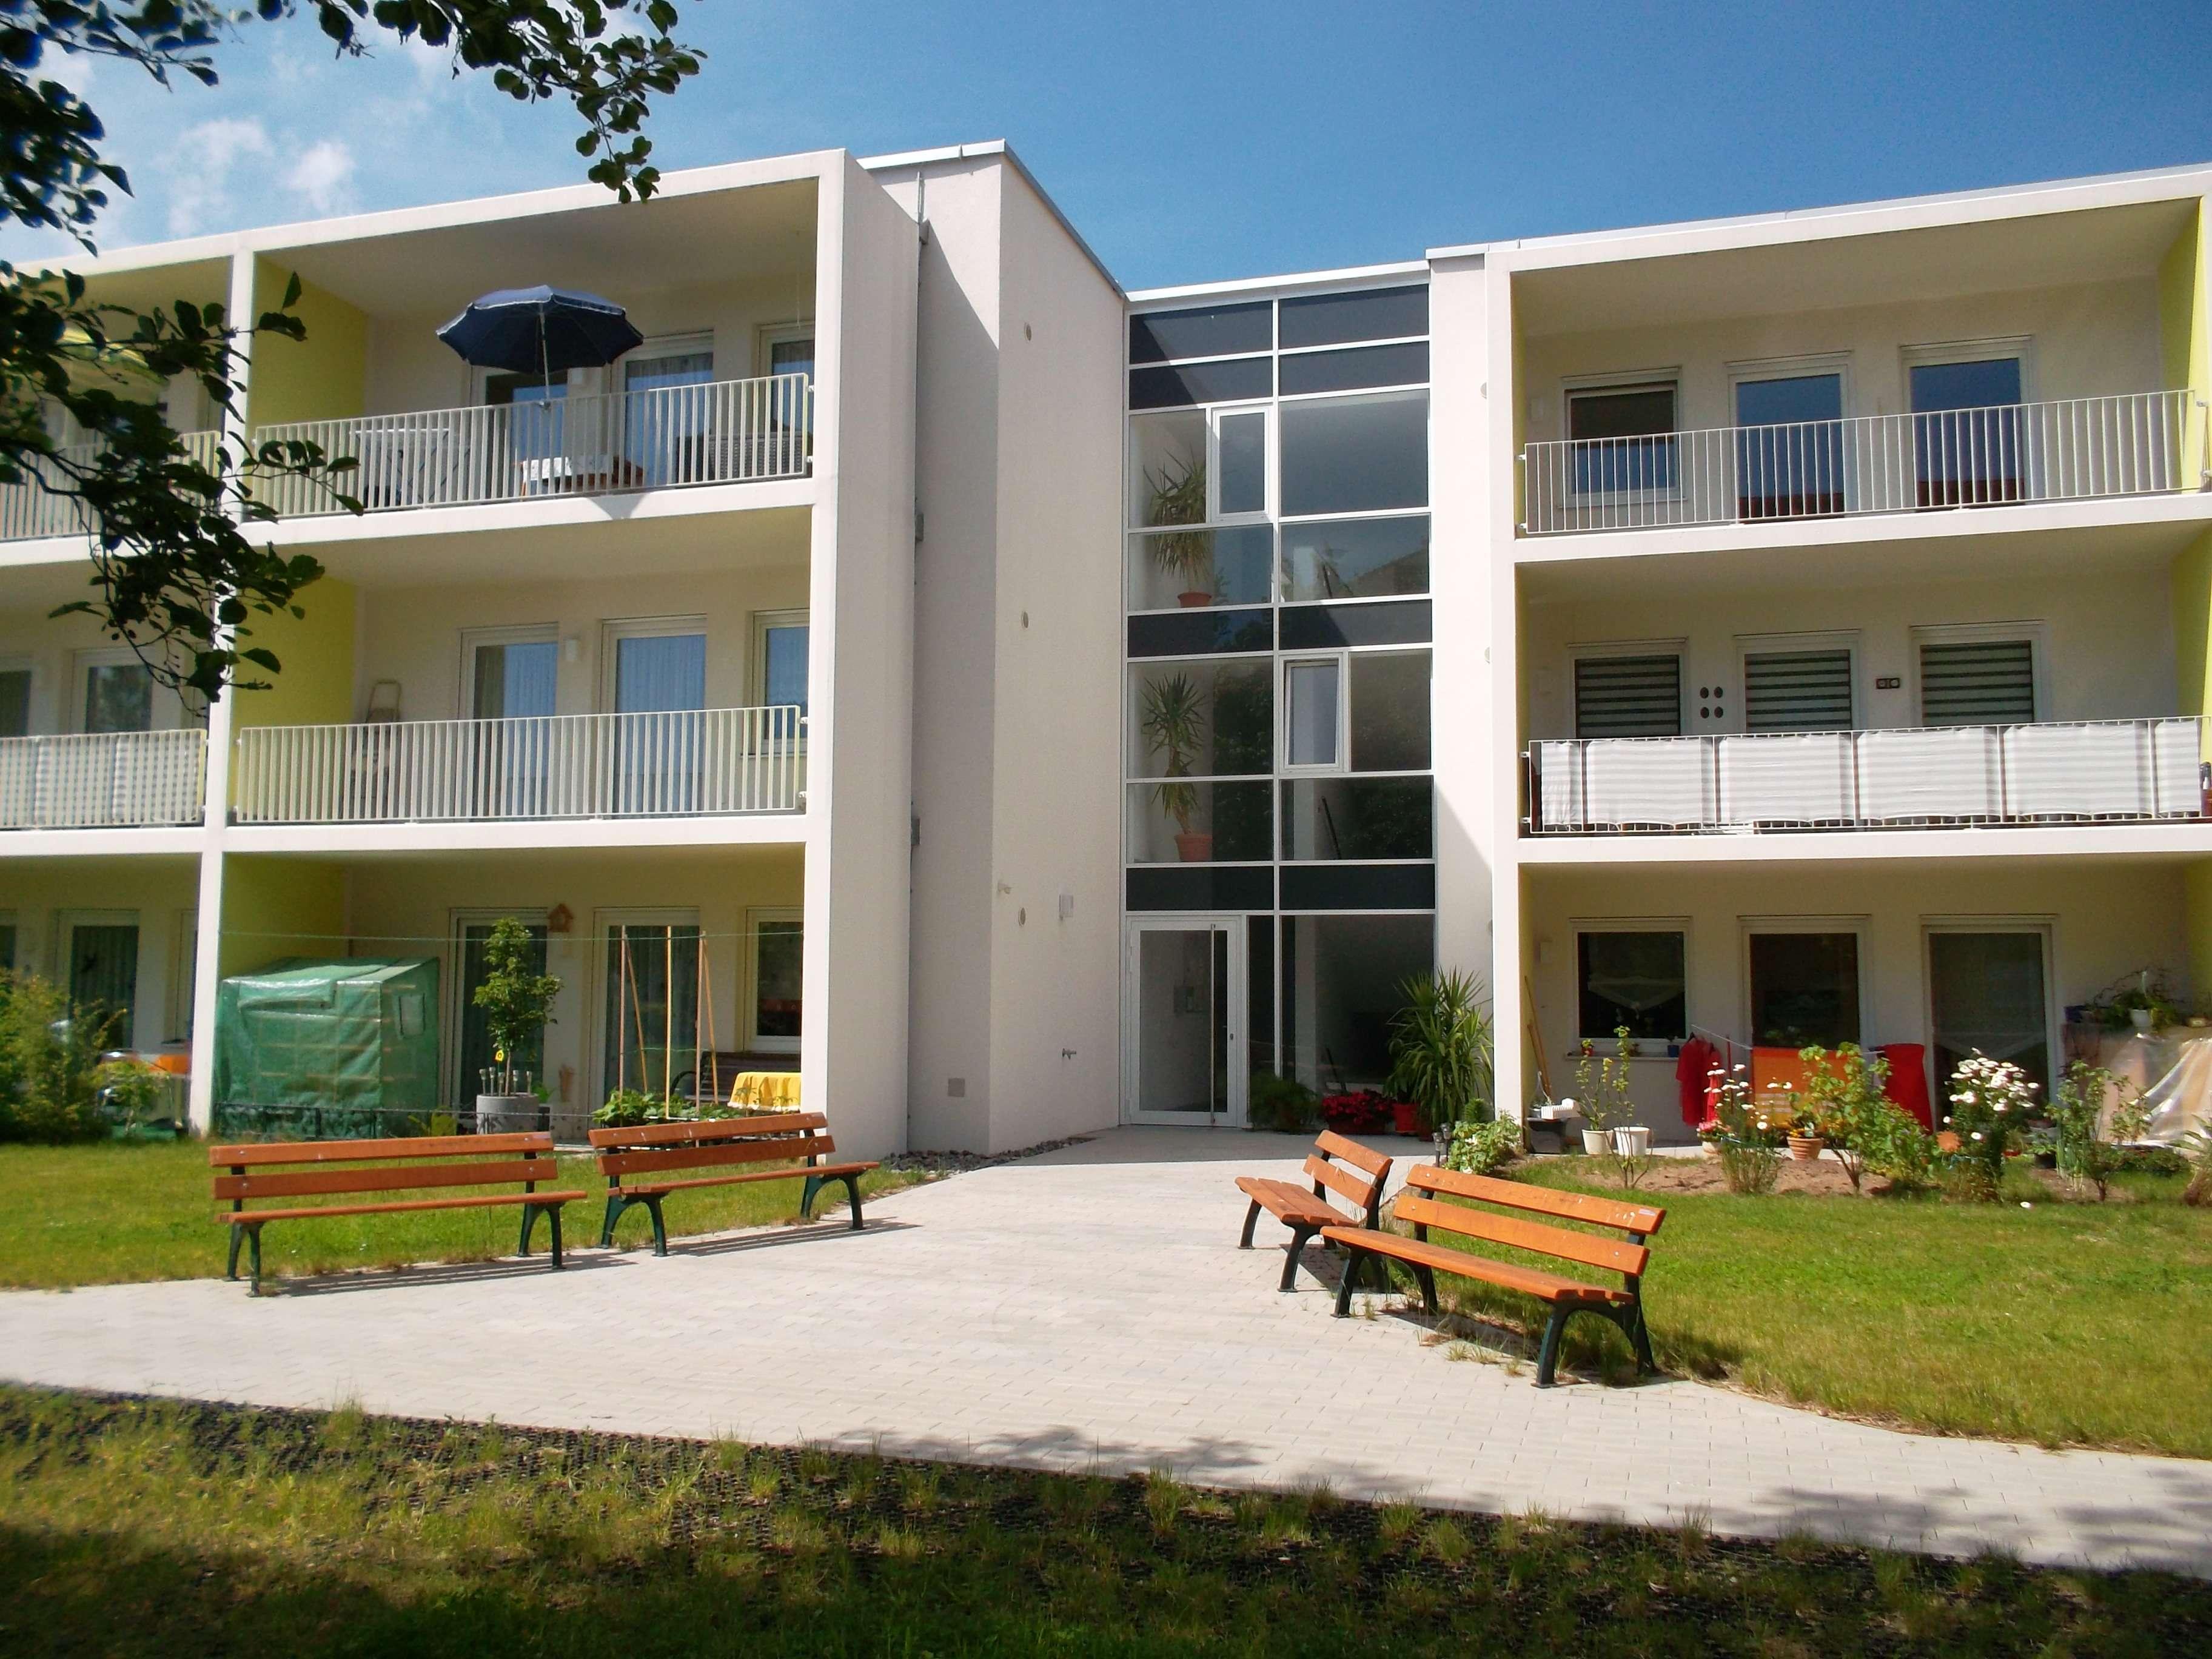 BETREUTES WOHNEN in Roding - 2-Zimmer-Wohnung mit Balkon / EOF II